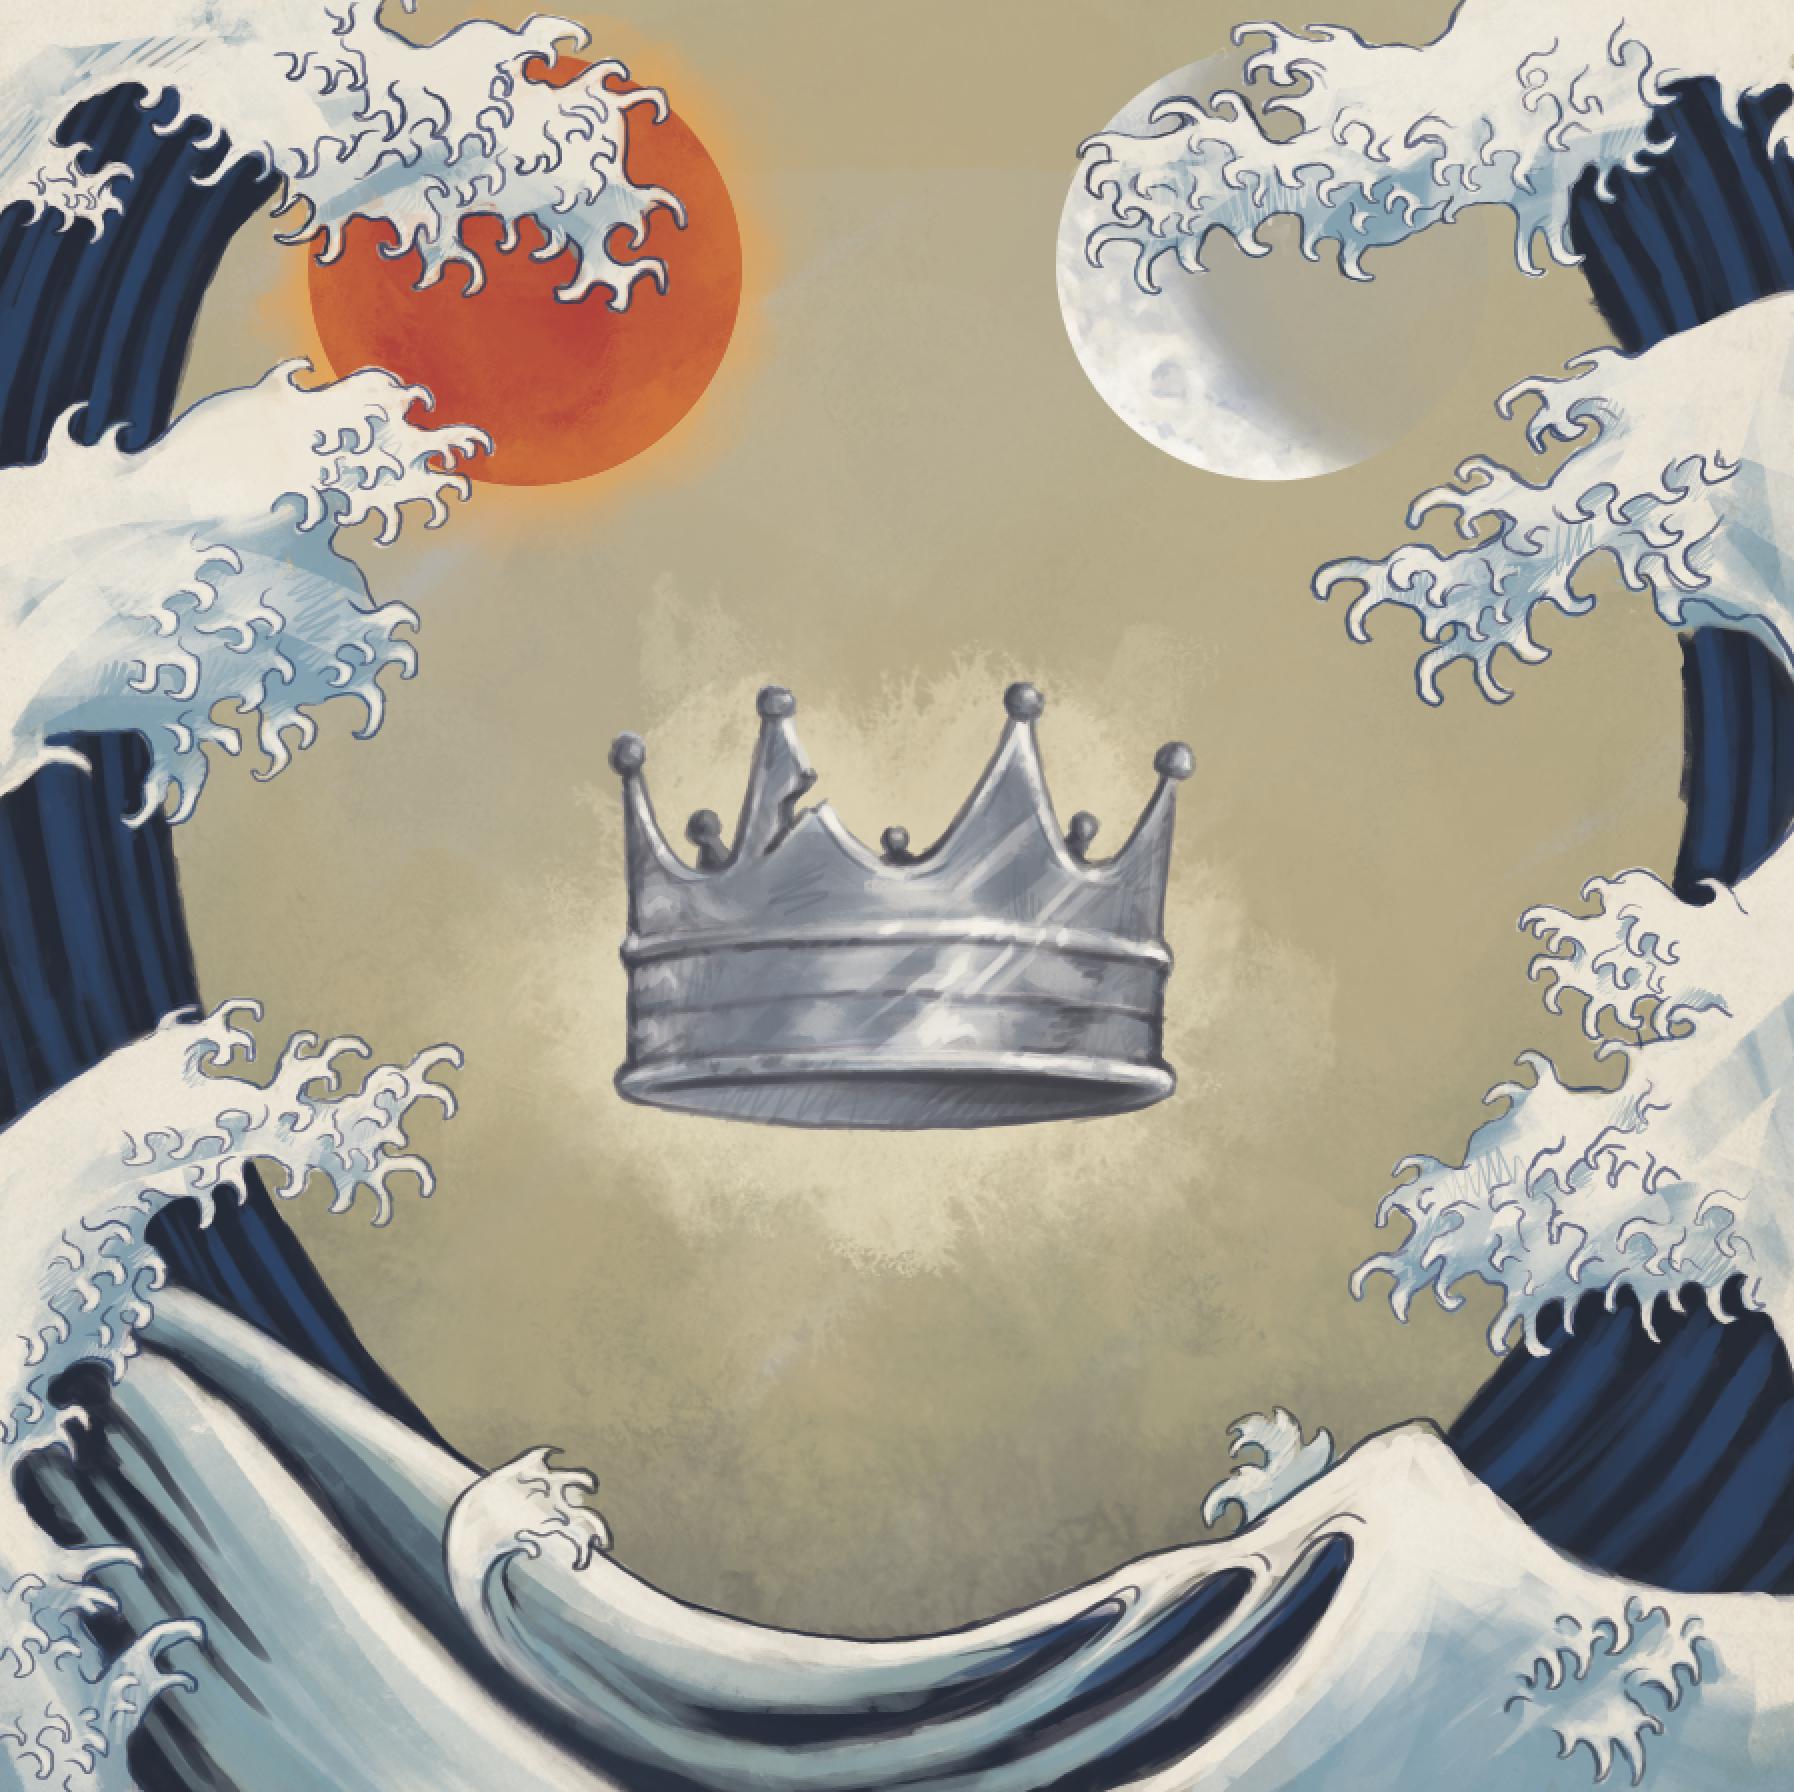 Album Cover 2 - Digital